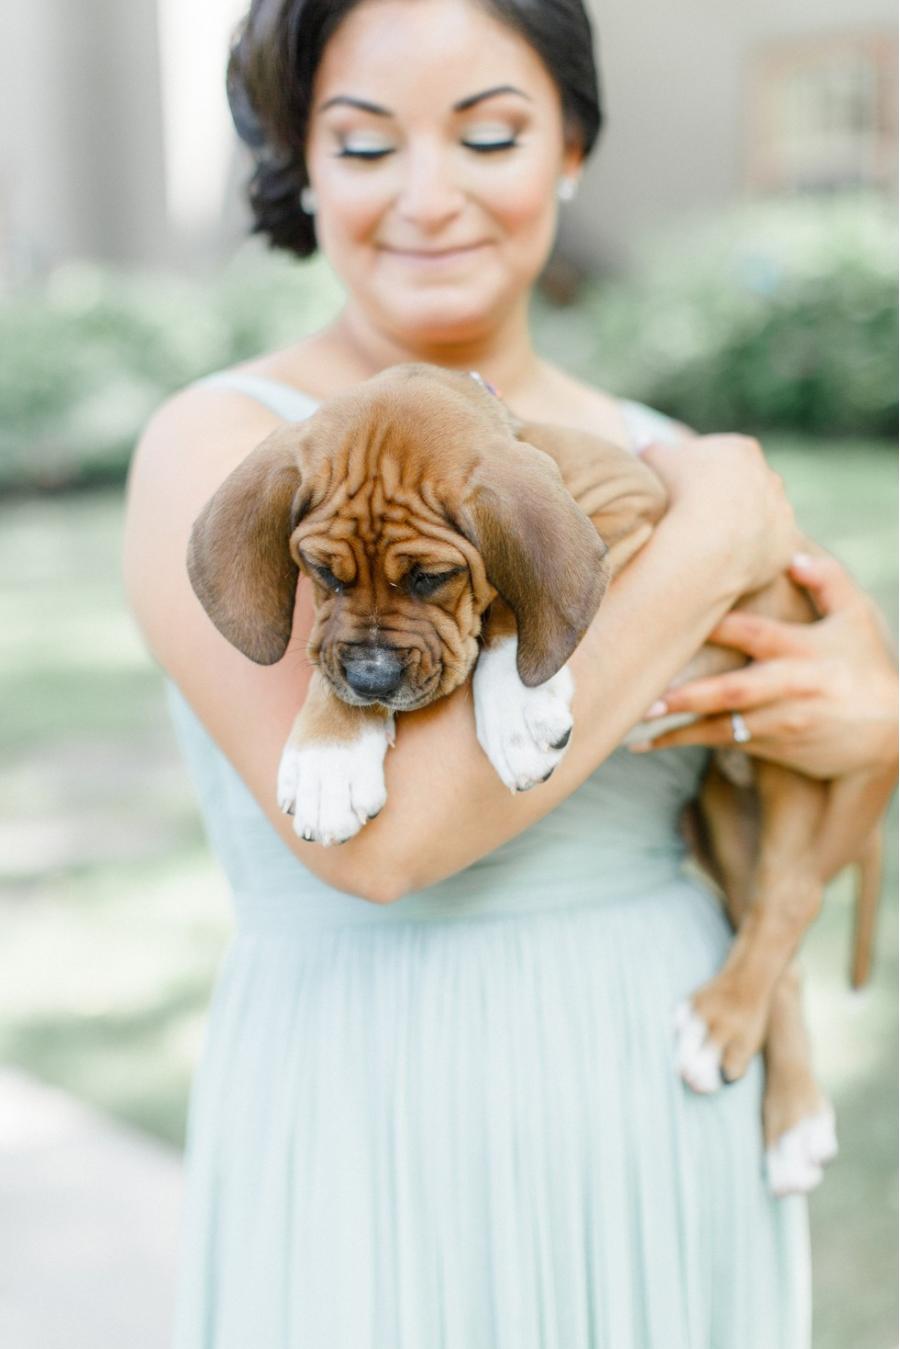 Cum arata imaginile de la nunta unui cuplu iubitor de animale? - Poza 5